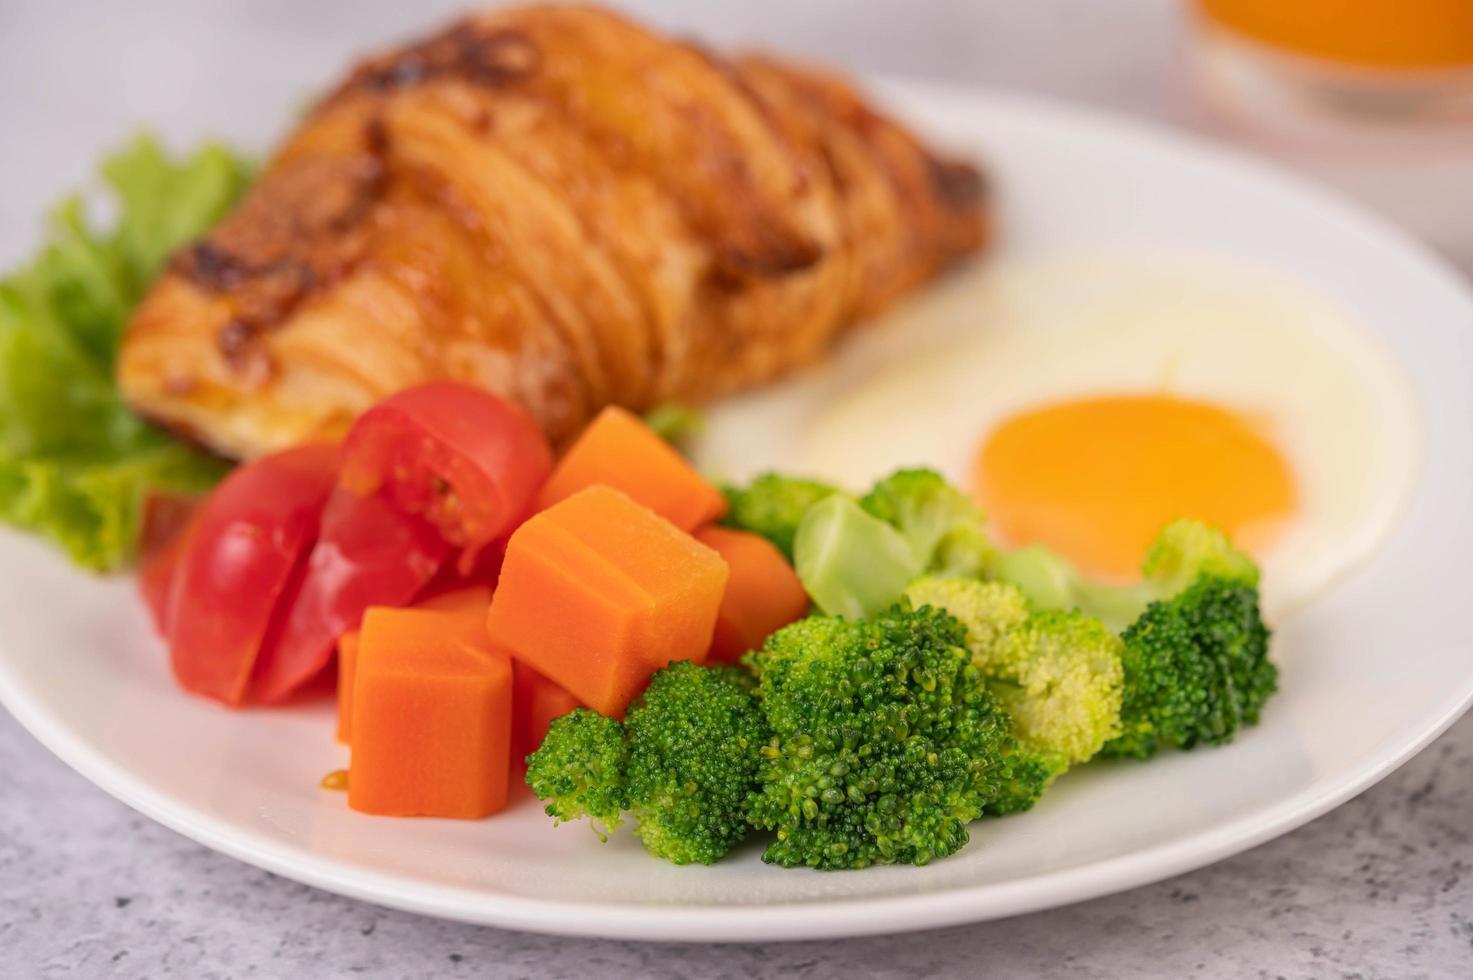 croissant all'uovo fresco e colazione a base di verdure foto